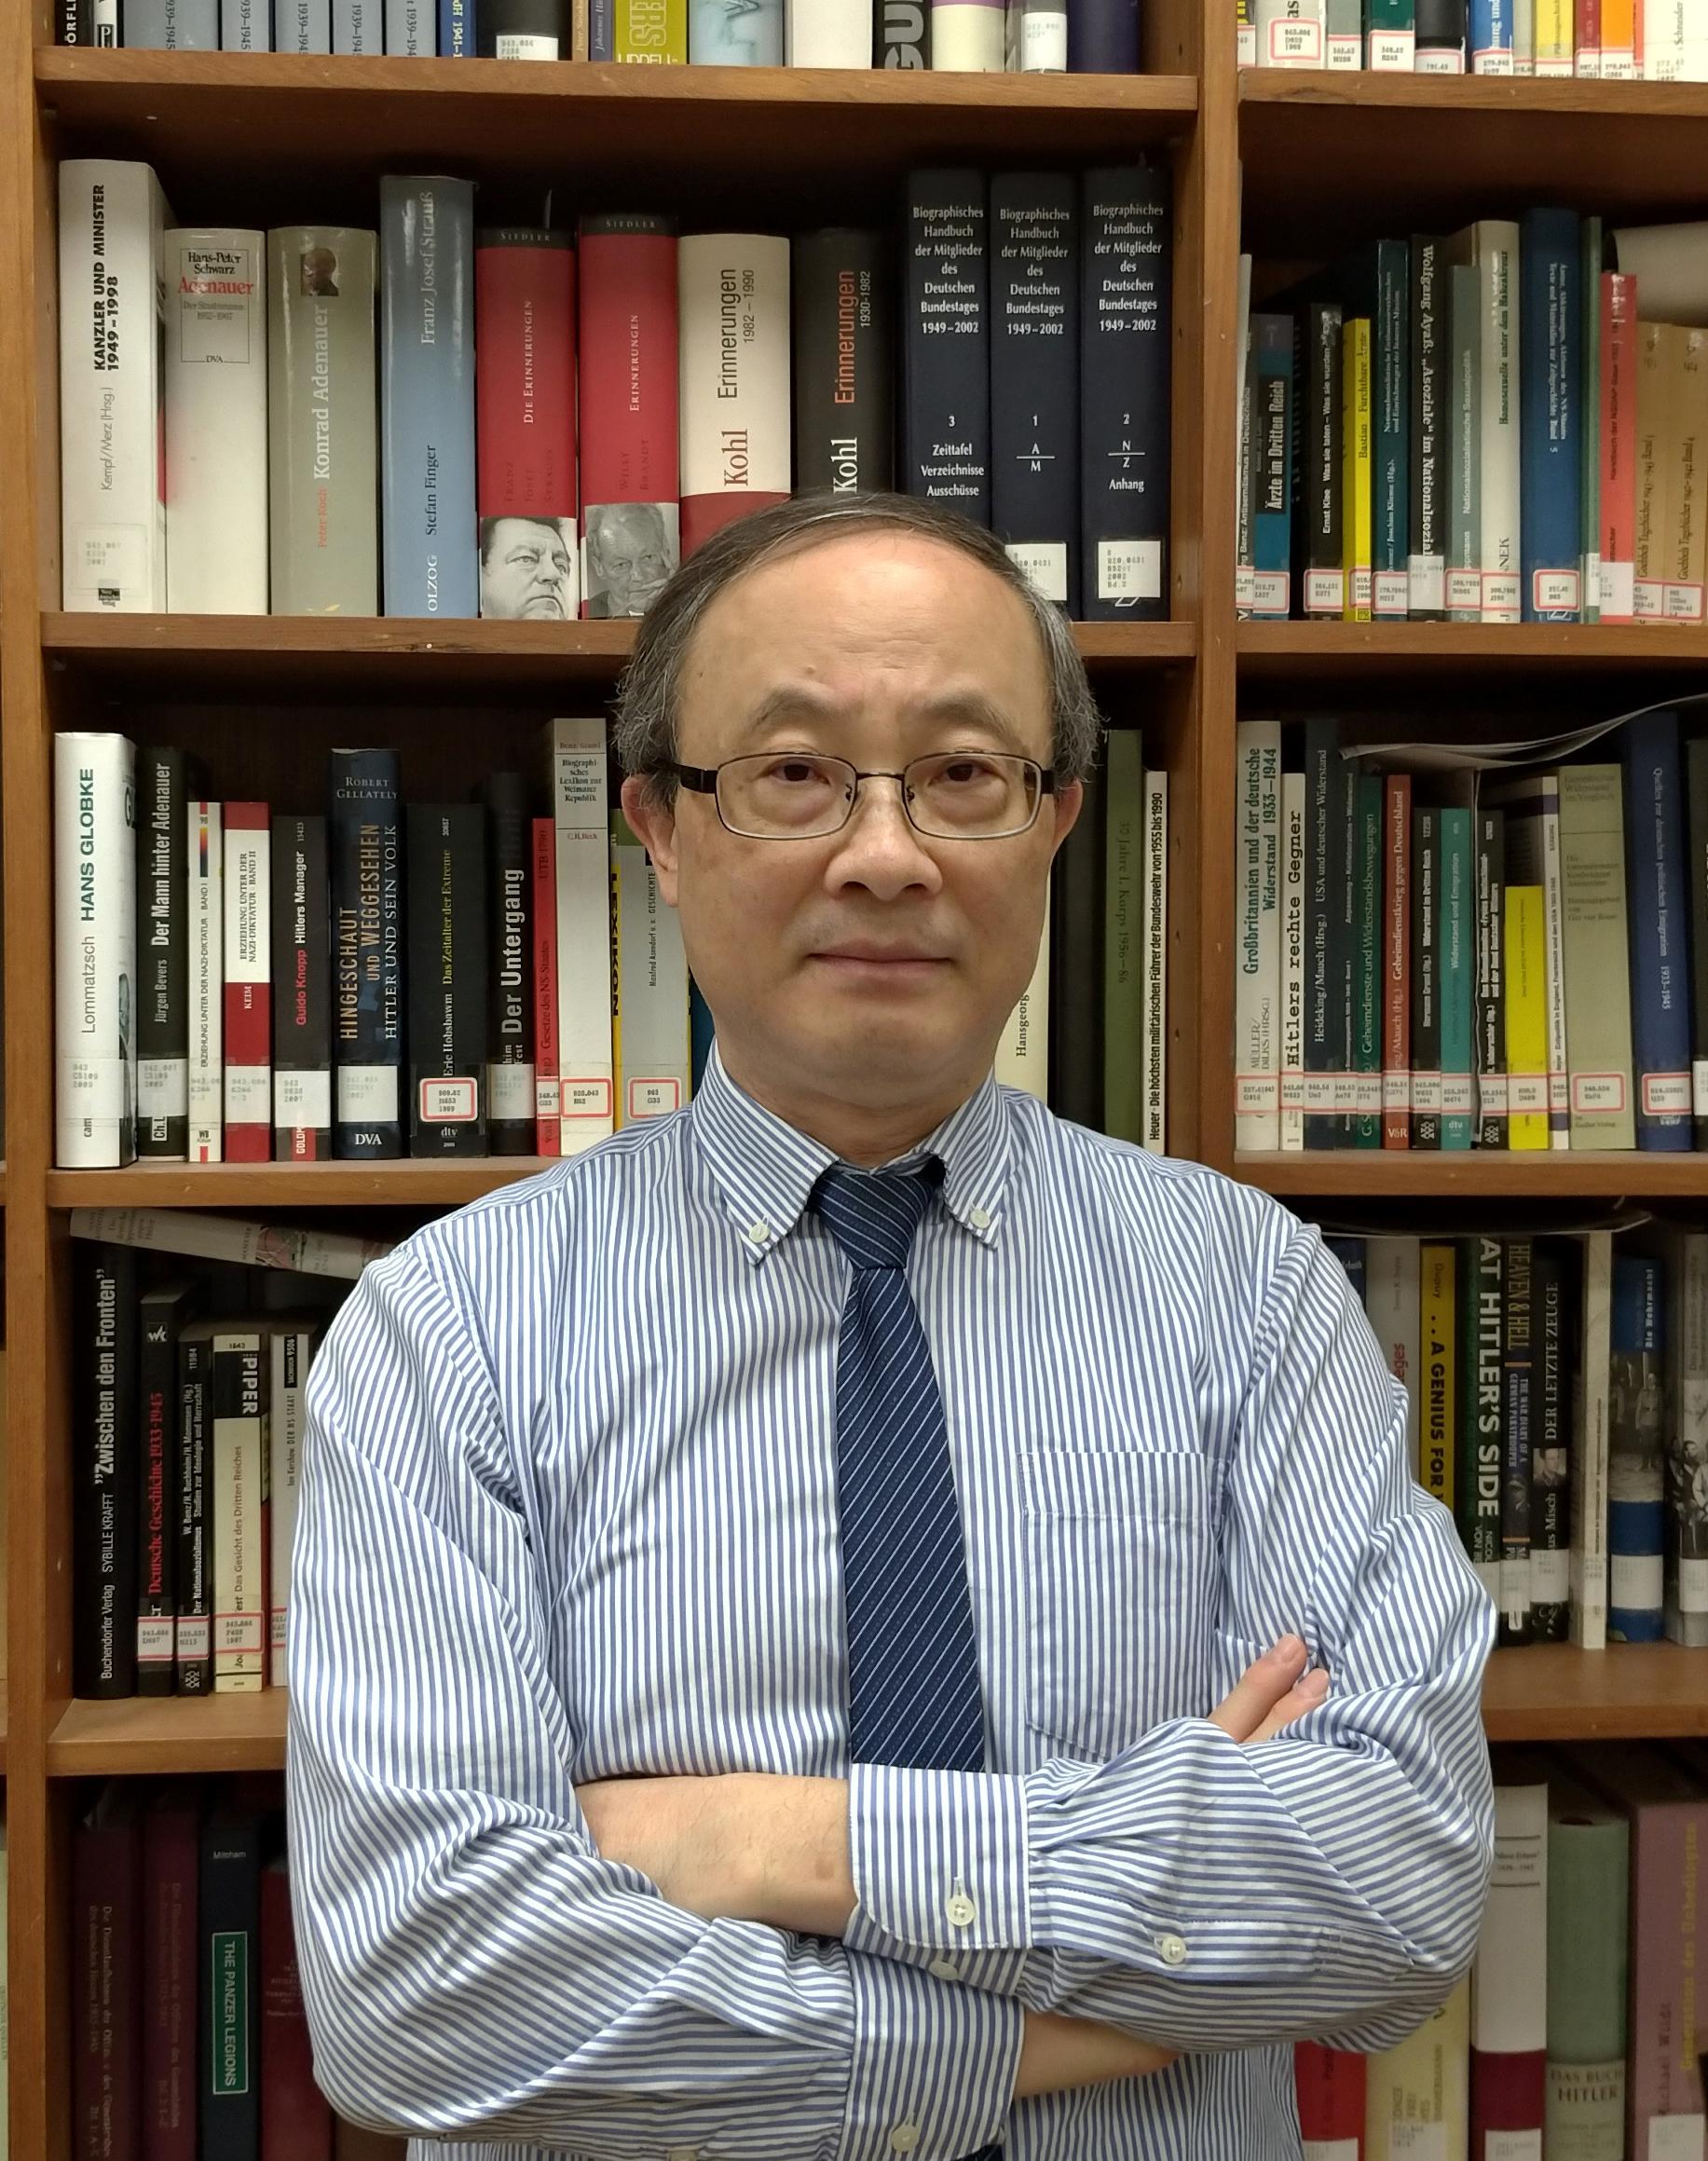 Chern Chen